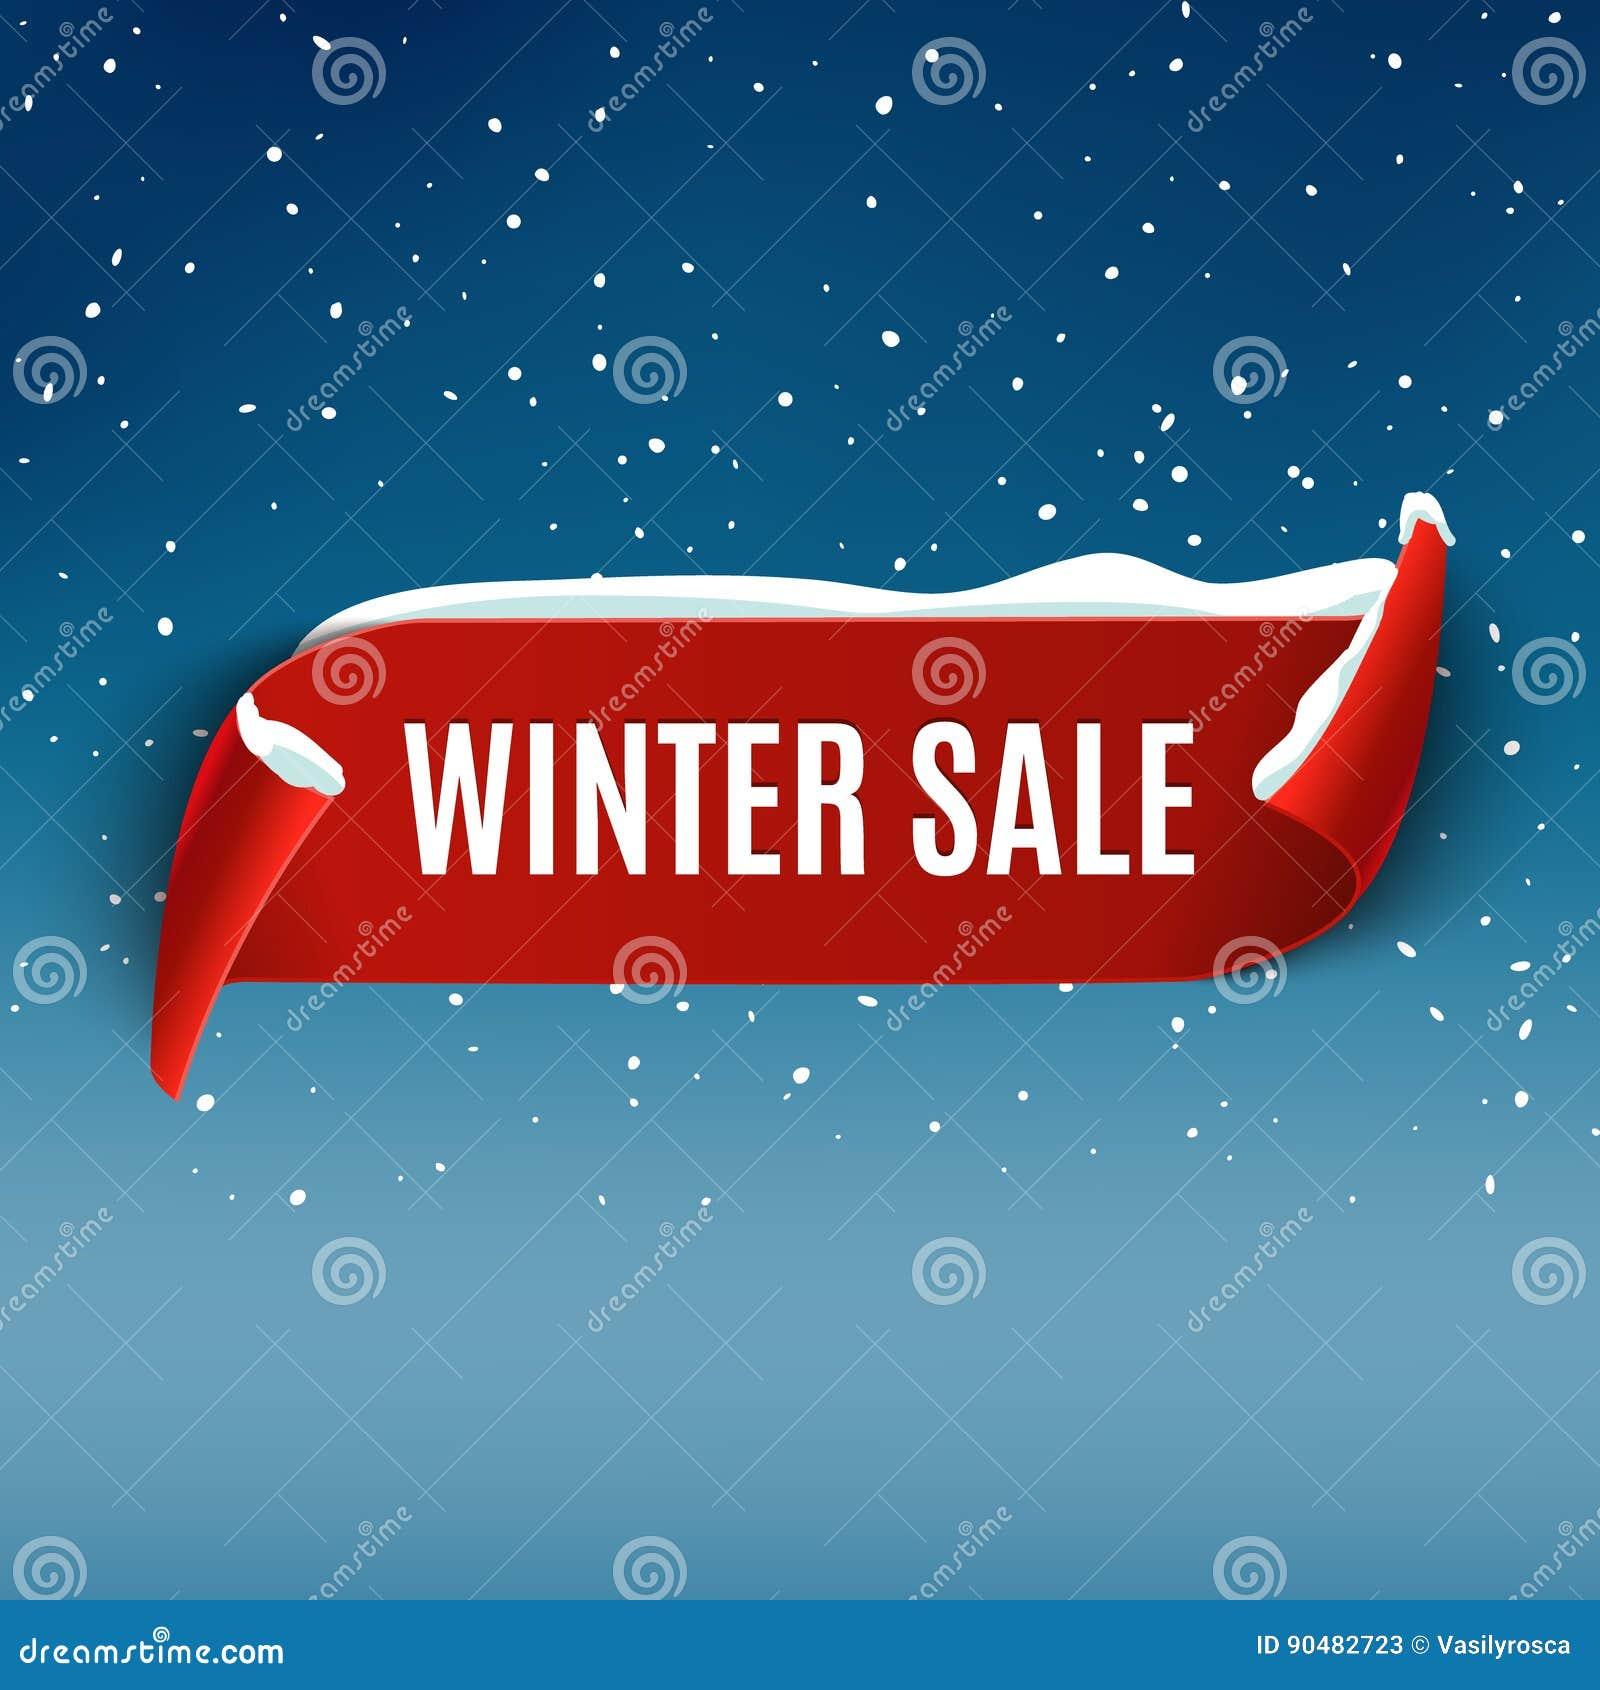 Fundo da venda do inverno com a fita realística vermelha Projeto relativo à promoção do cartaz ou da bandeira do inverno com neve